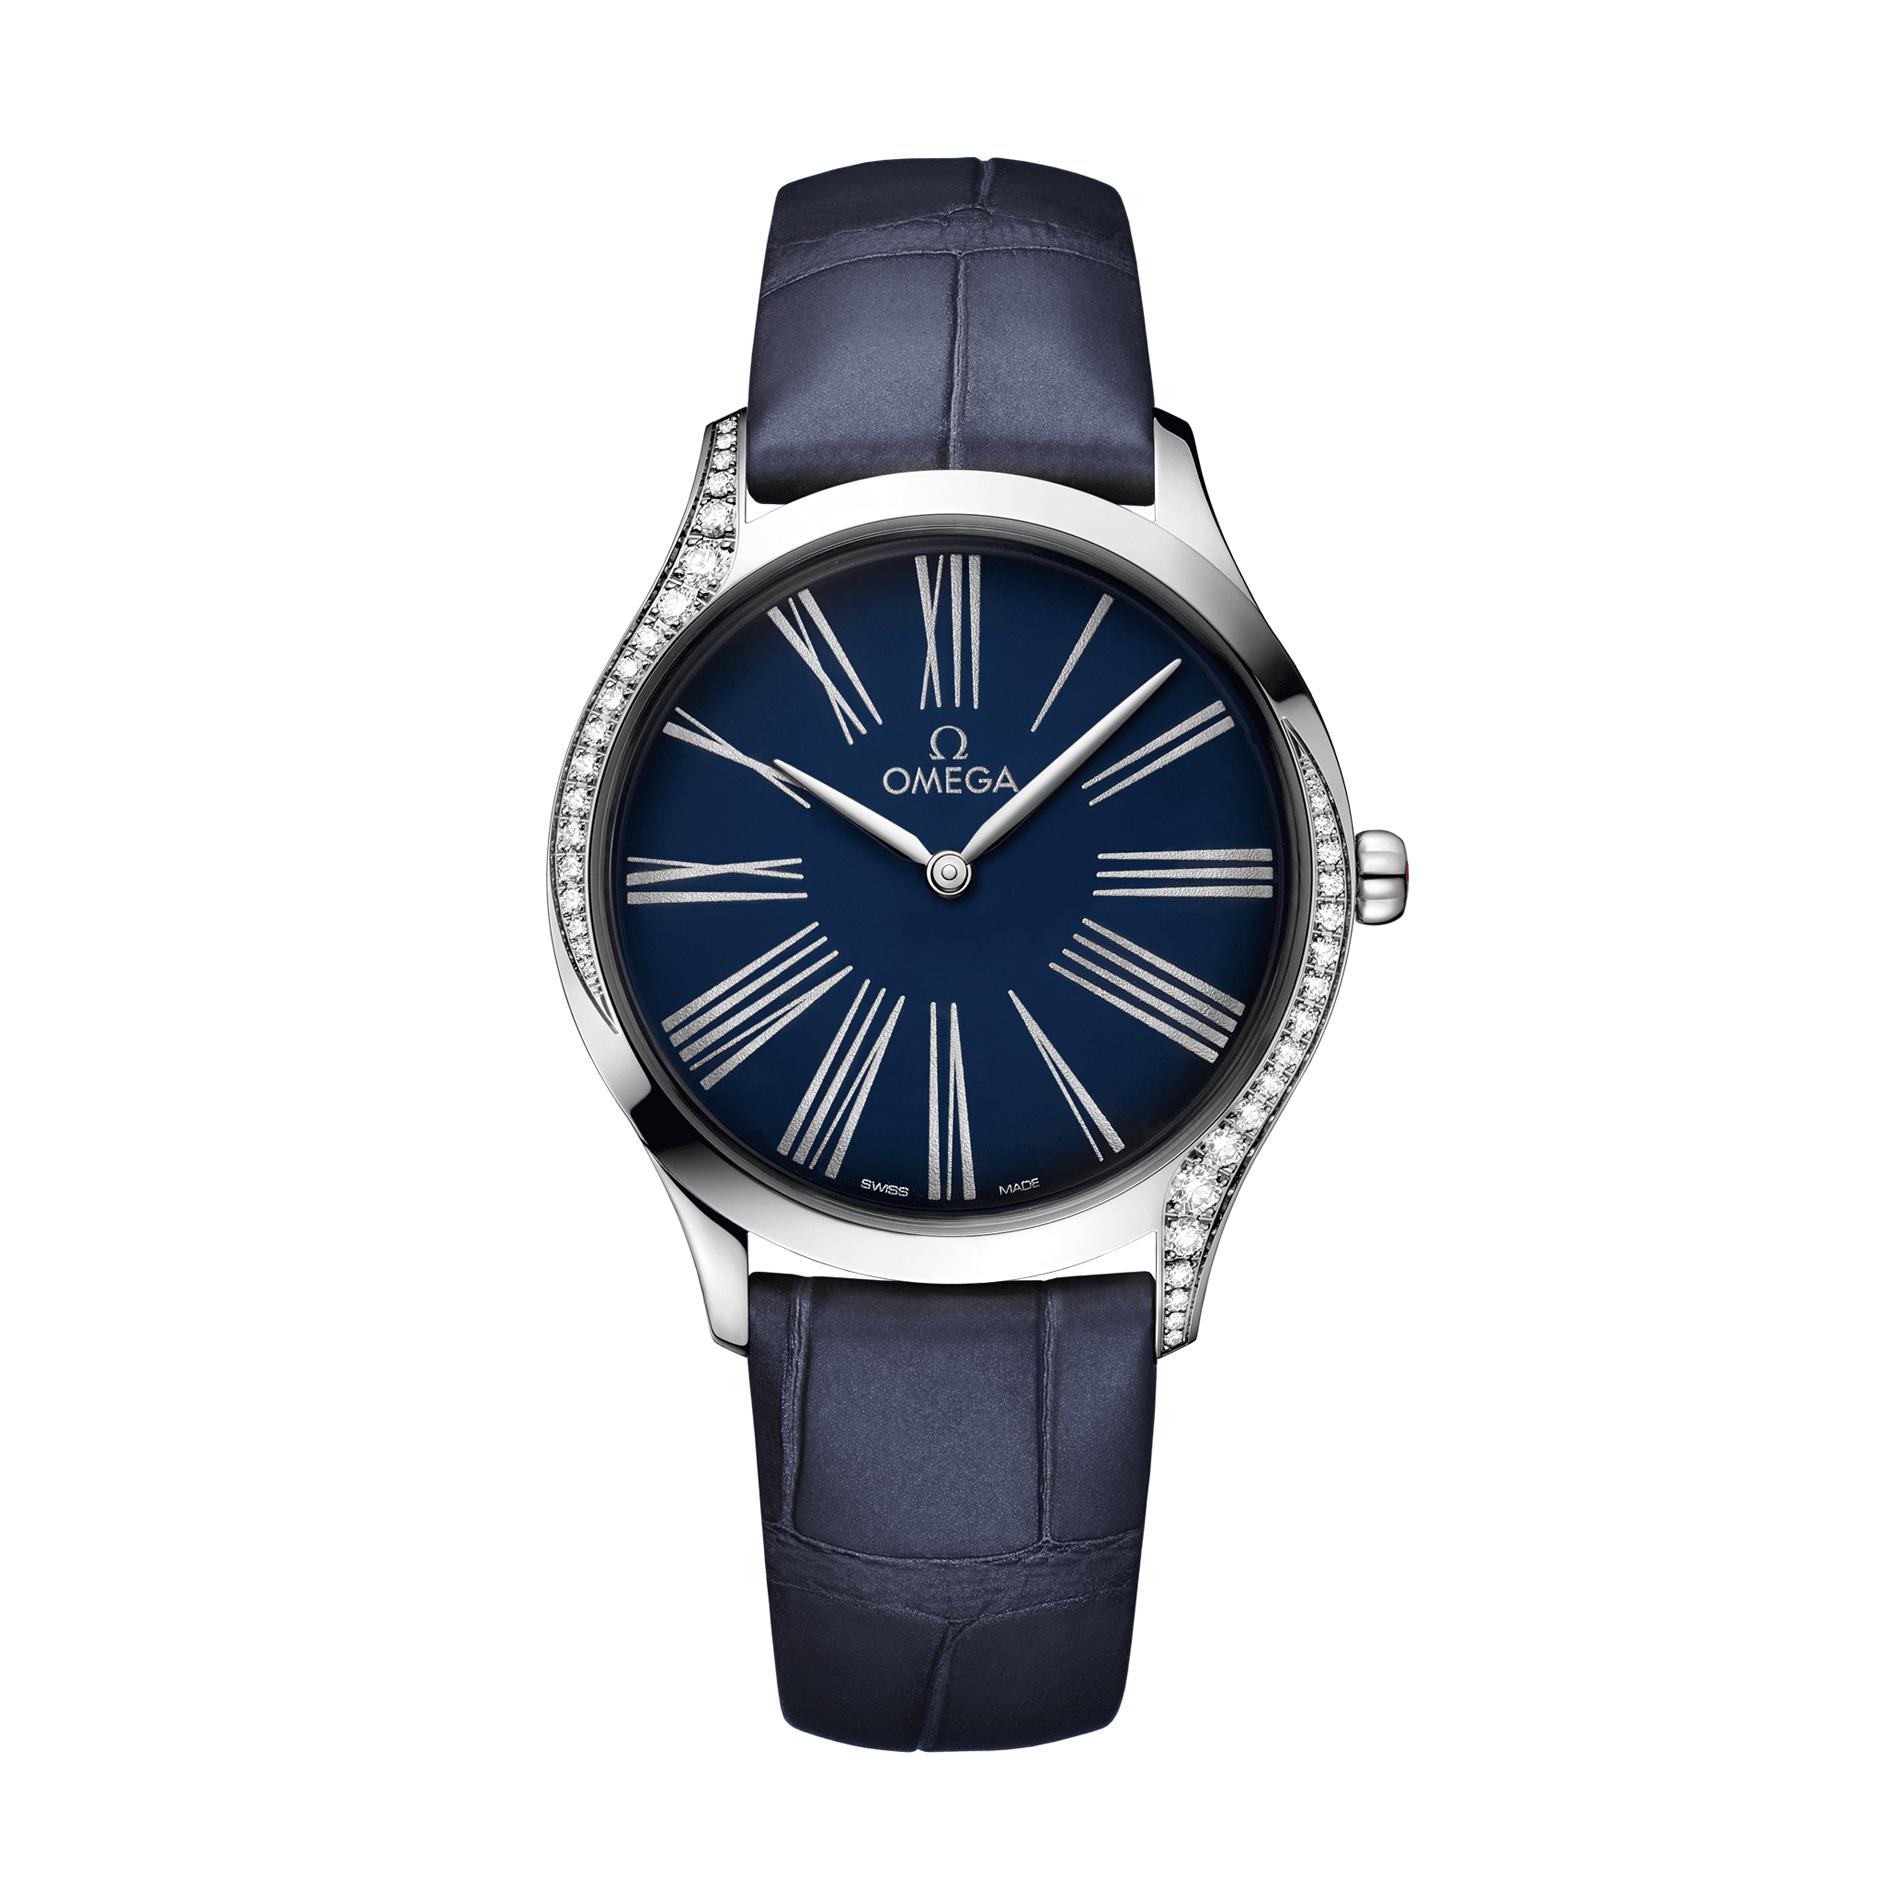 Reloj Omega – Trésor Quartz 36 - Amaya Joyeros